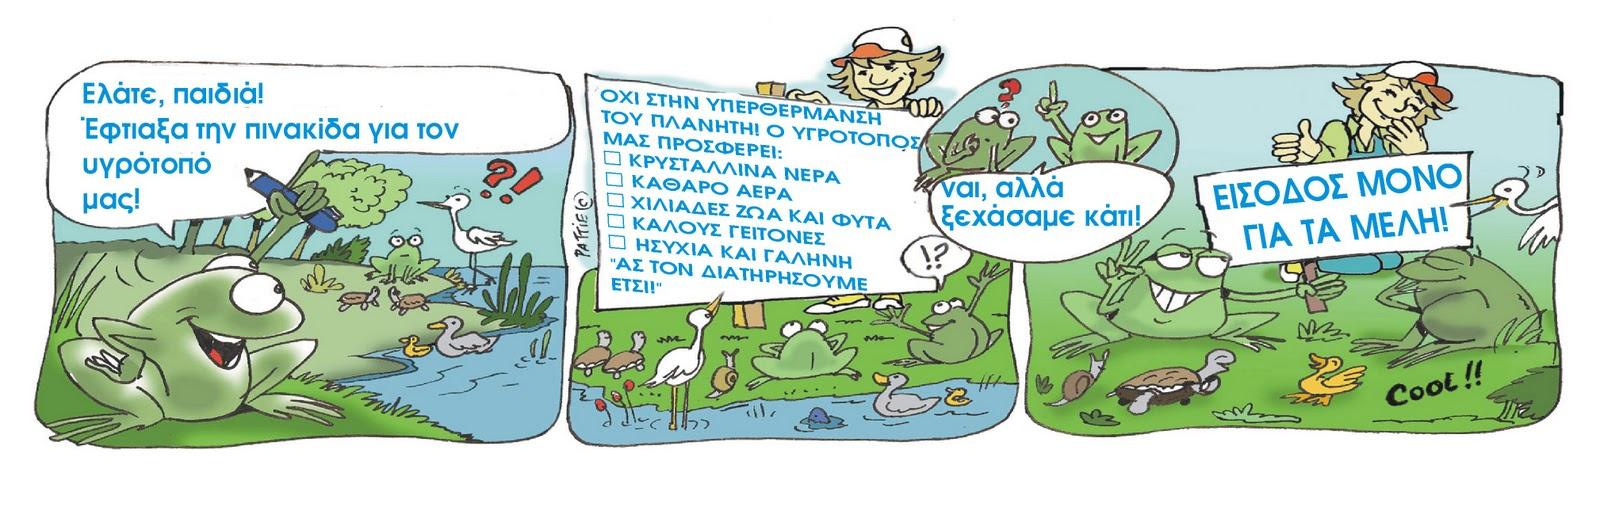 Υγρότοποι-κόμικ